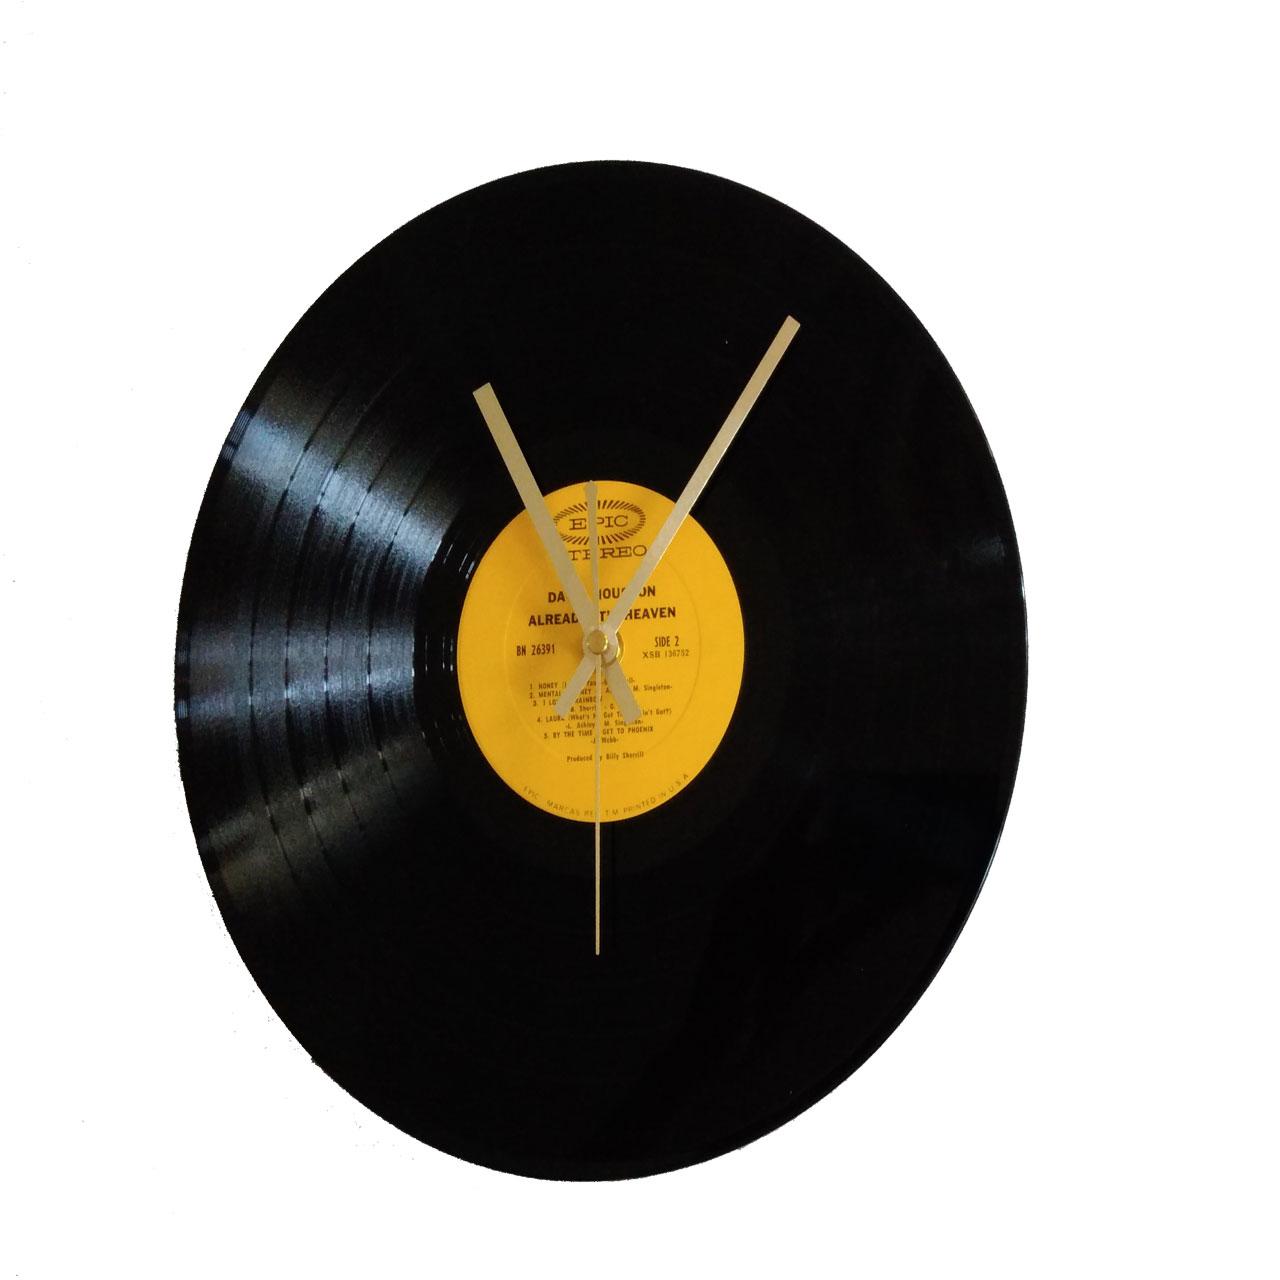 ساعت صفحه گرام 33 دور مدل دیوید هیوستون سایز40 × 40